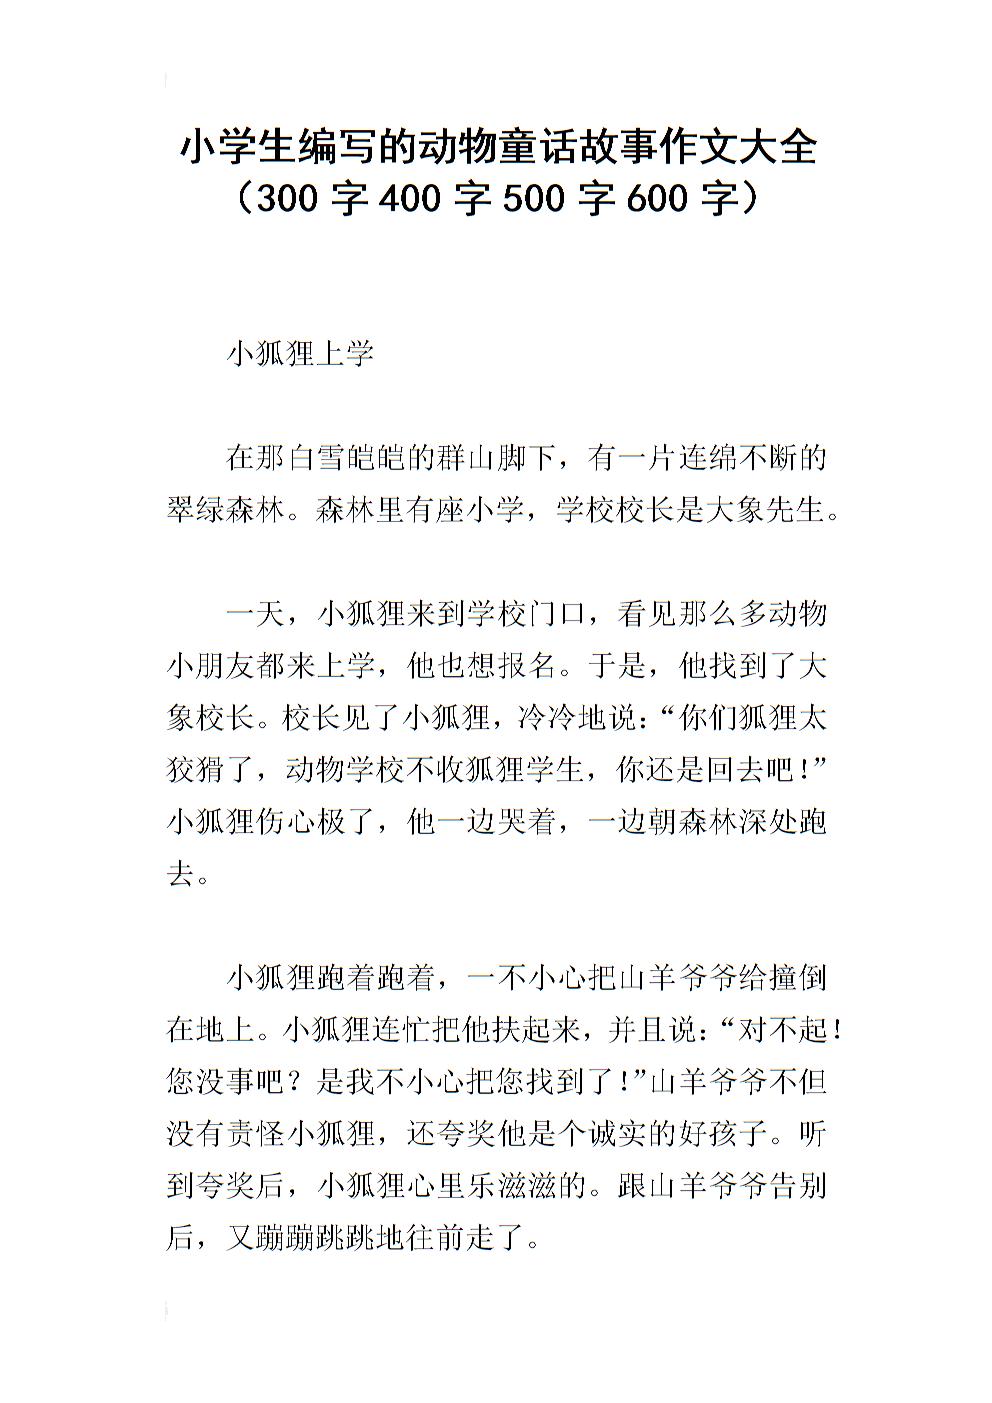 小学生编写的动物童话故事作文大全(300字400字500字600字).docx